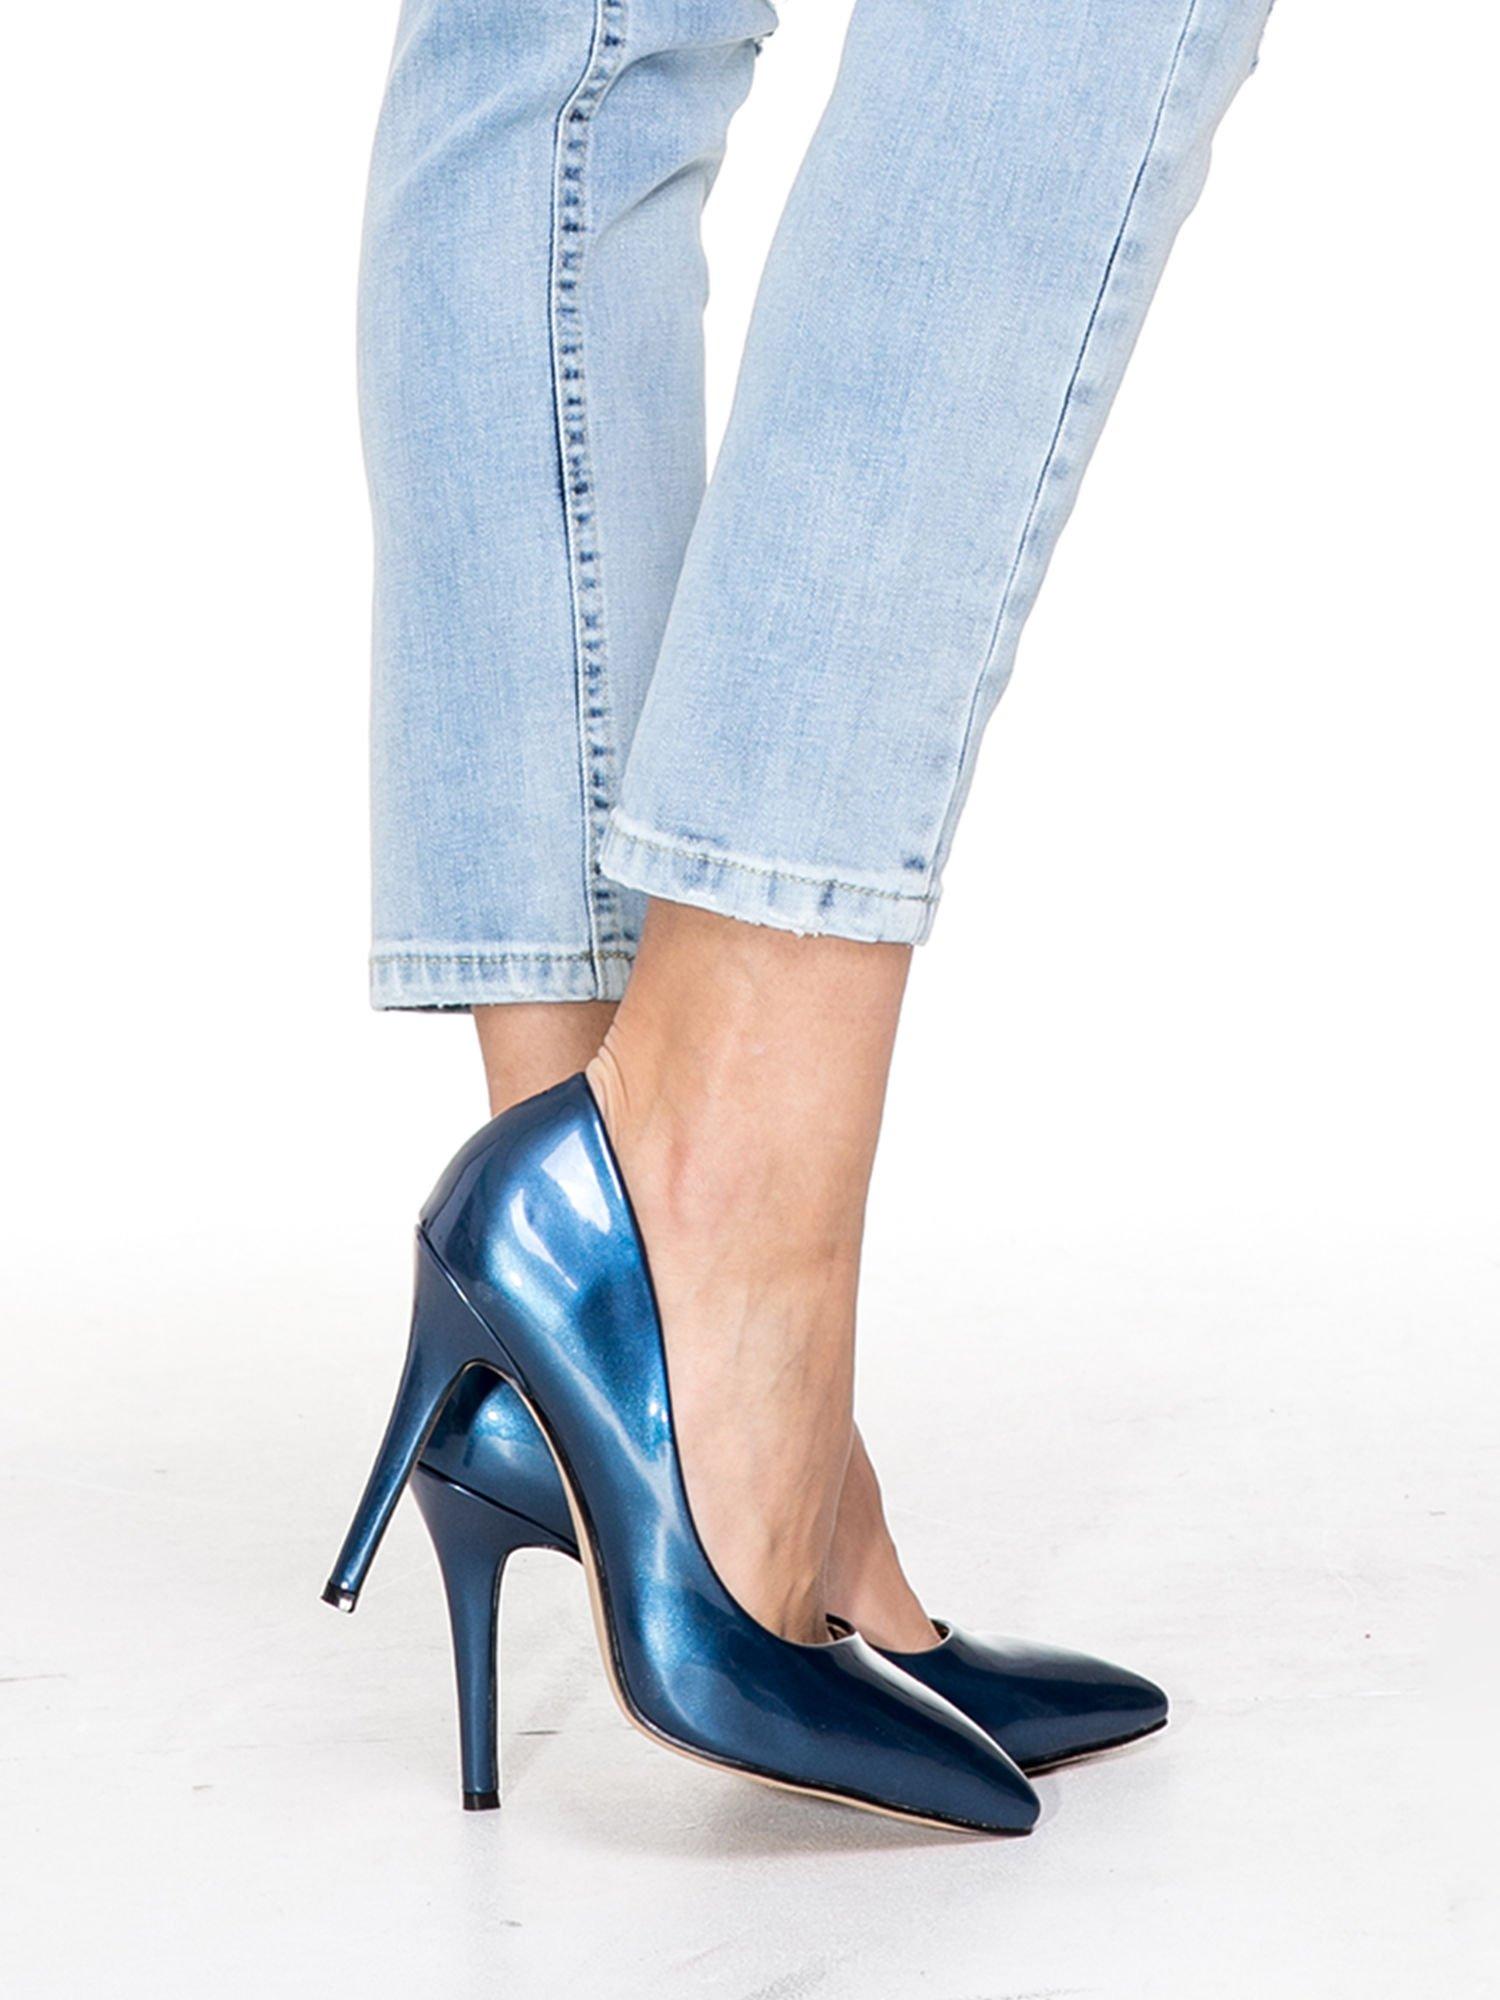 Jasnoniebieskie spodnie jeasnowe o prostej nogawce z rocięciem na kolanie                                  zdj.                                  7